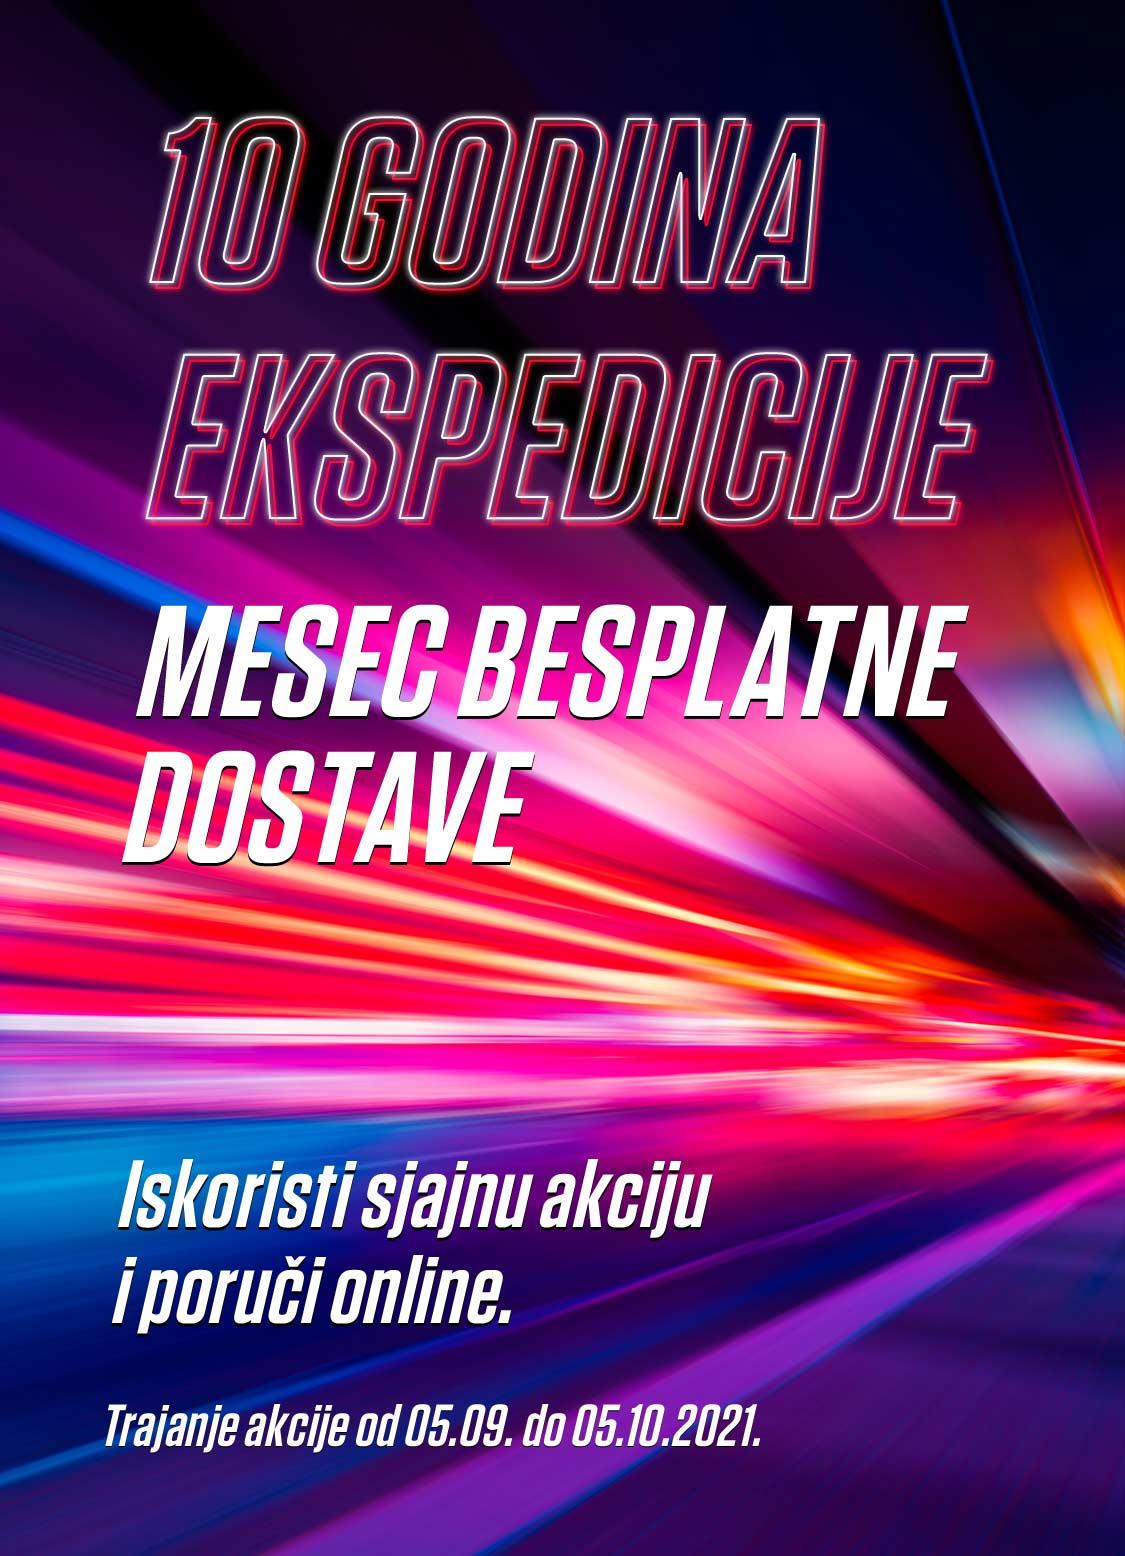 ekspedicija 10 godina mobile 02